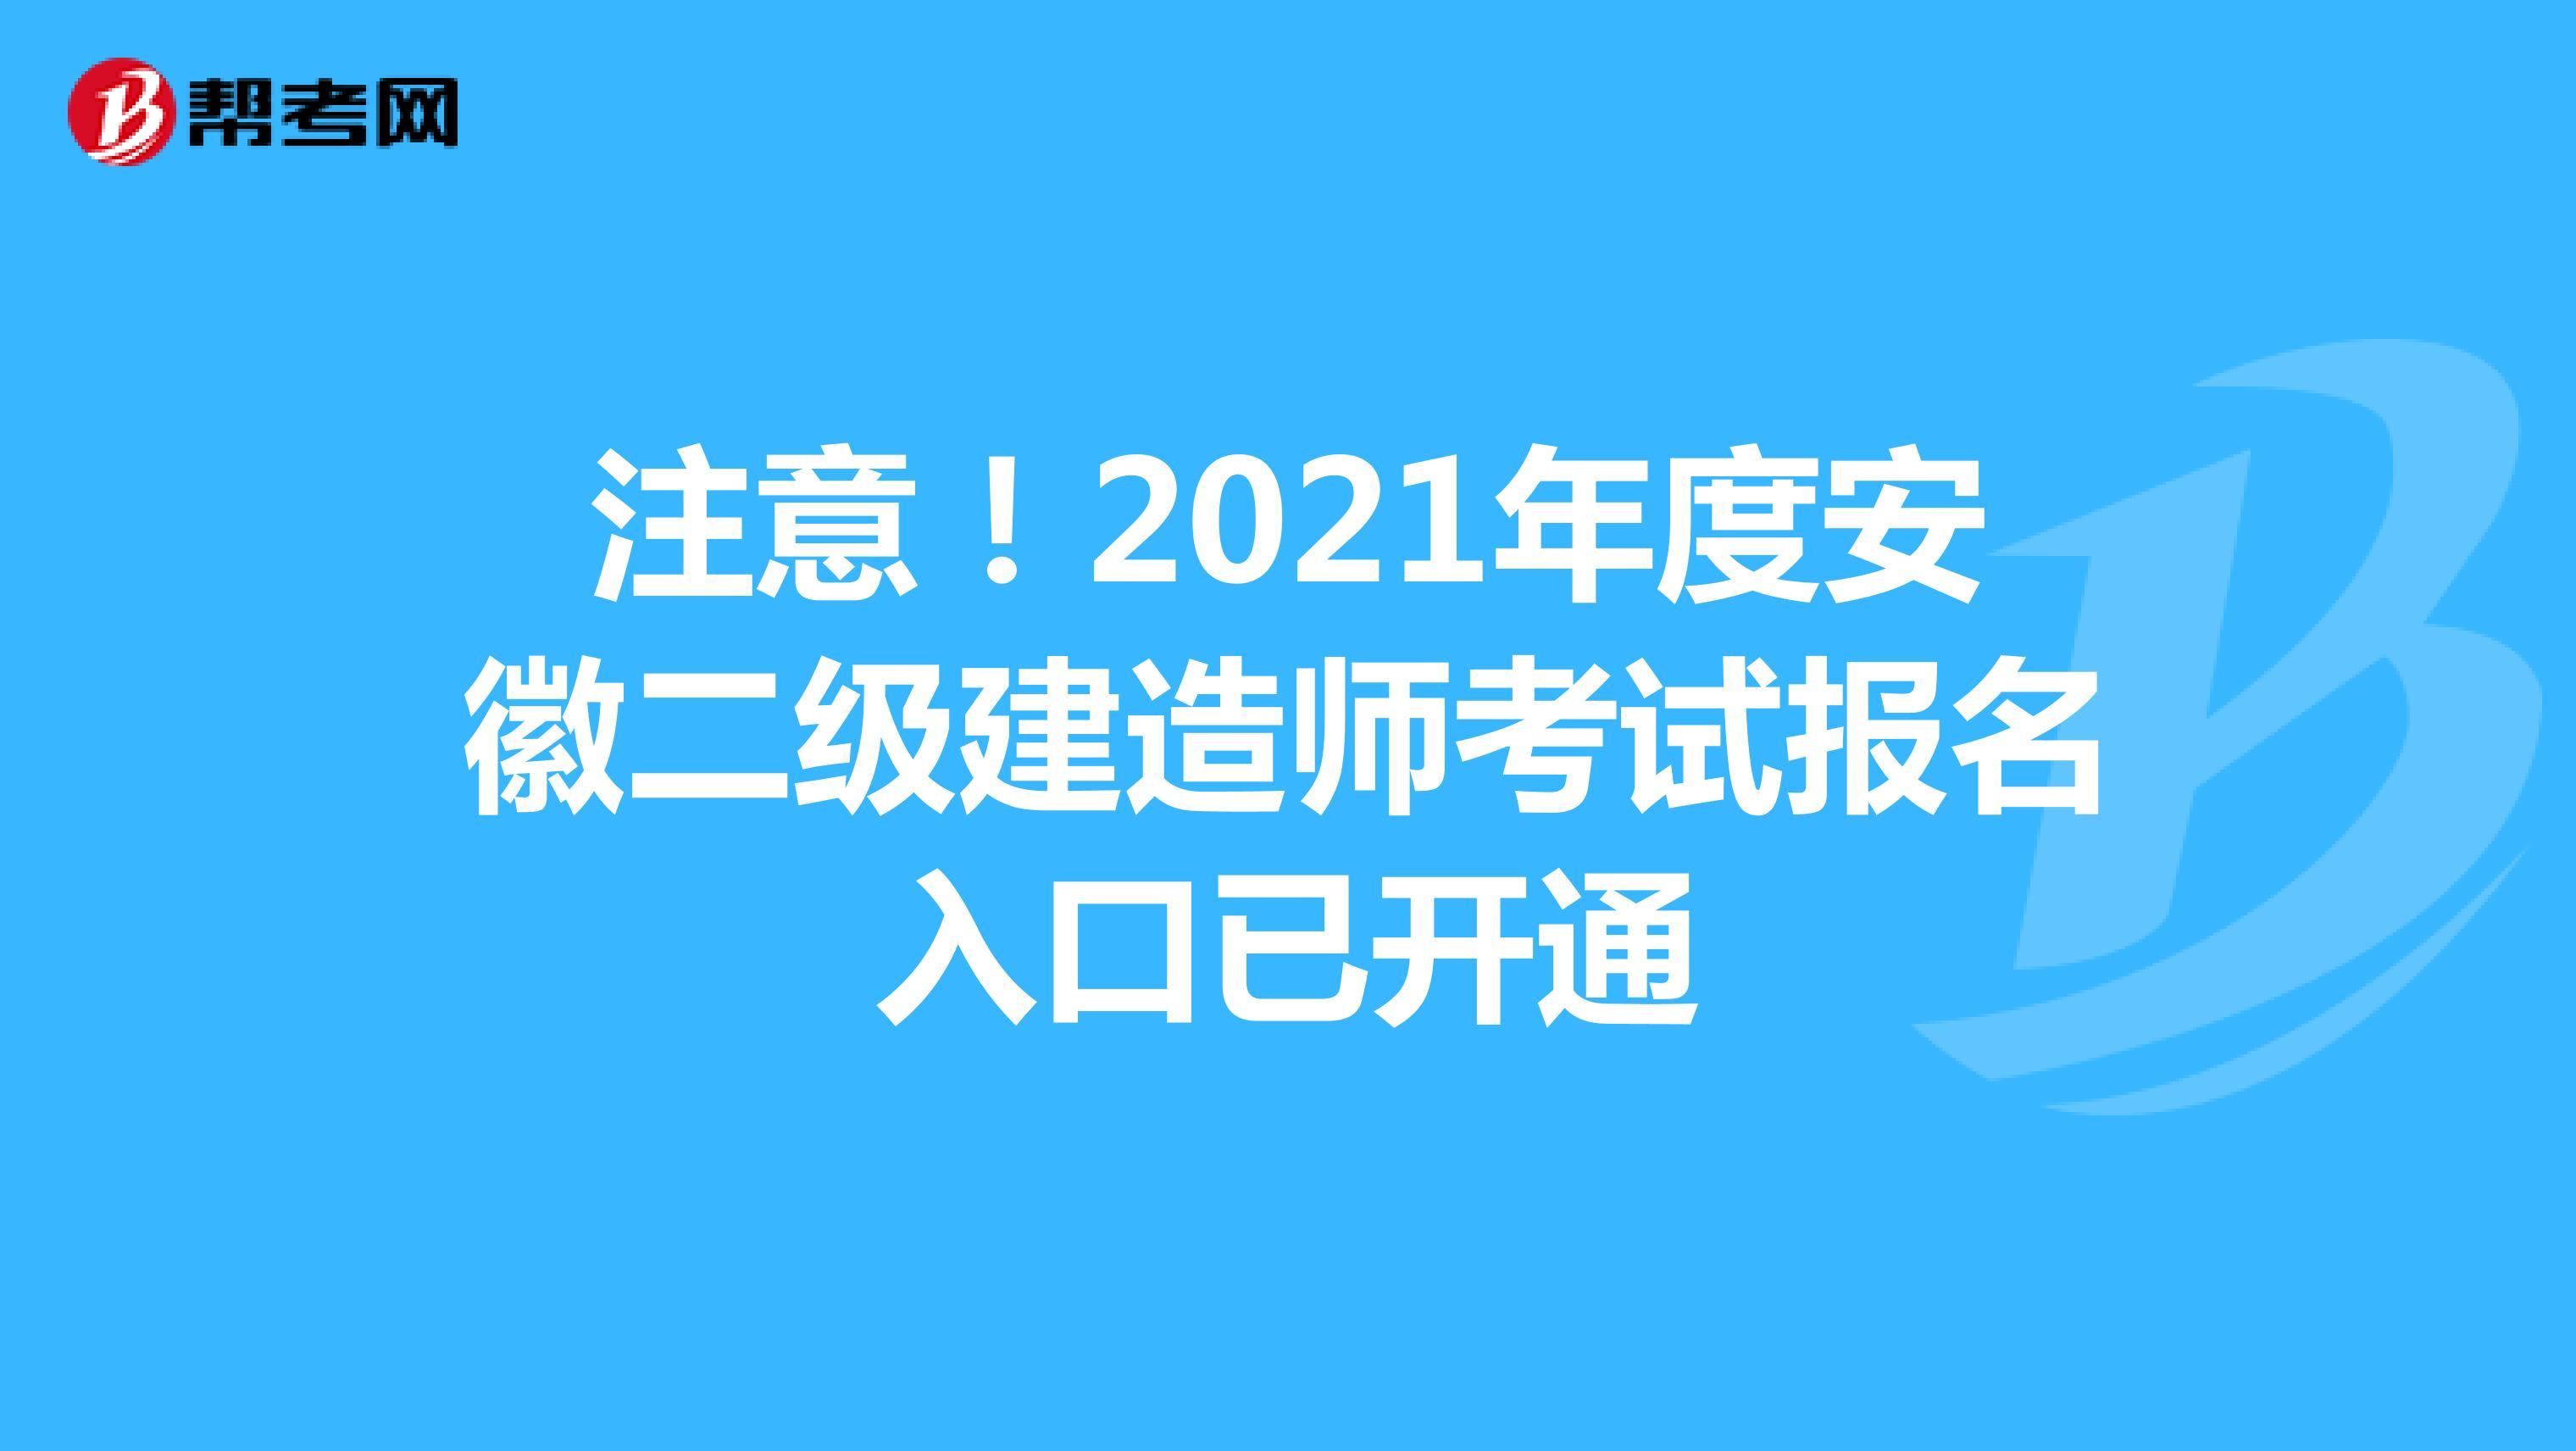 注意!2021年度安徽二級建造師考試報名入口已開通